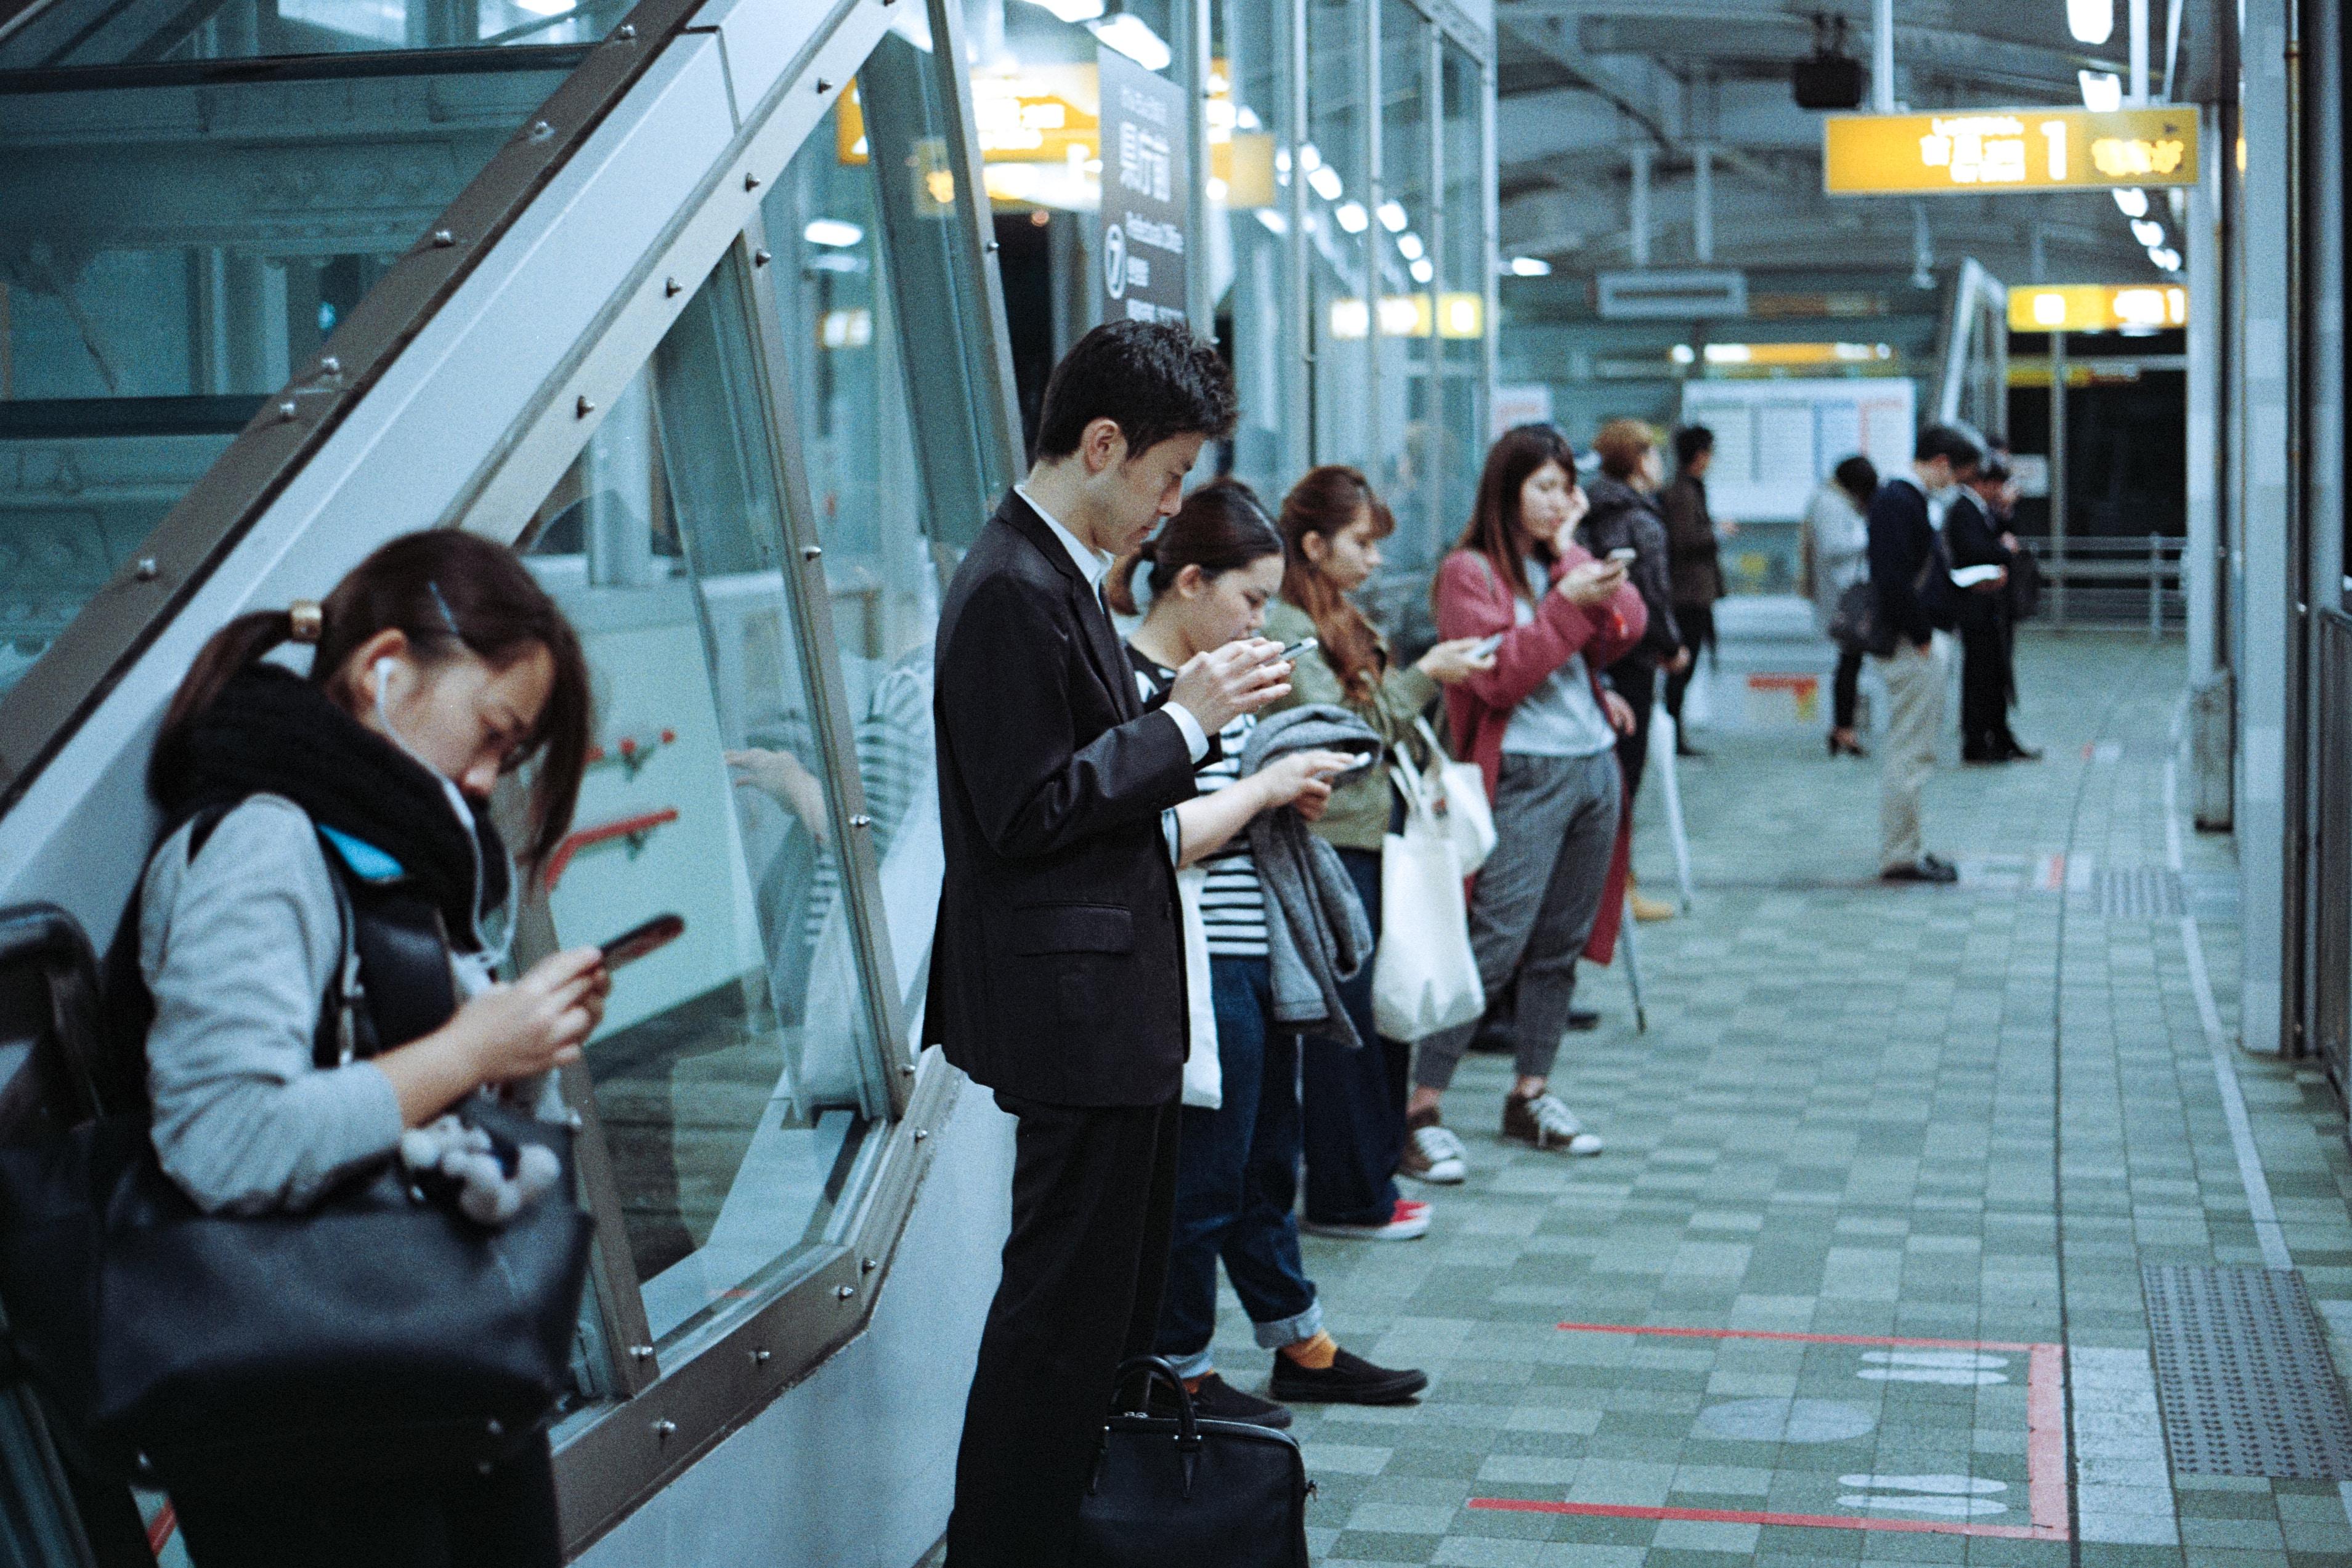 Cep Telefonlarını Uzun Süre Kullanmak Baş Ve Boyun Sağlığımızı Nasıl Etkiler?